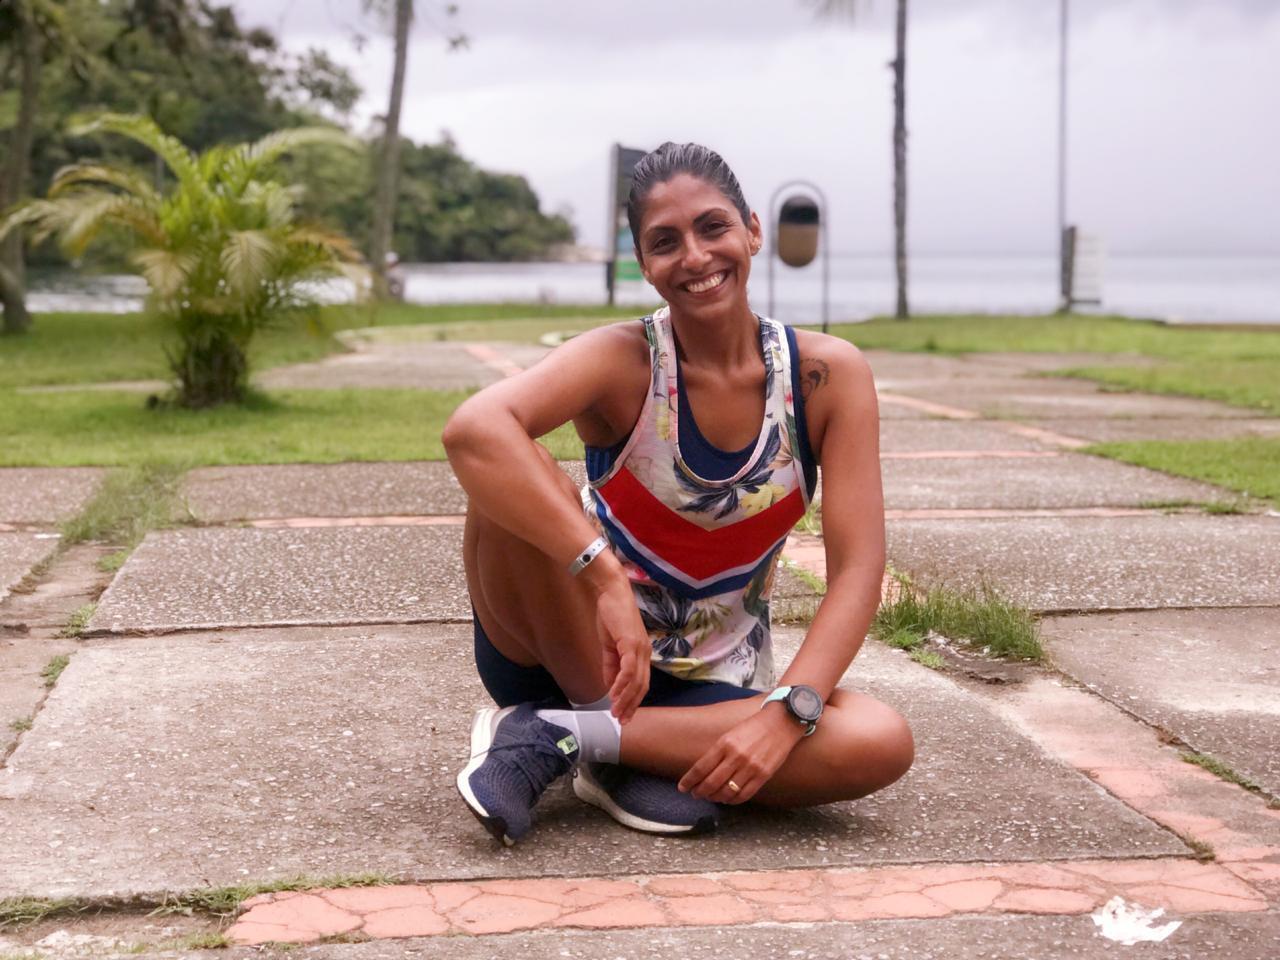 corredora sentada com roupas de corrida